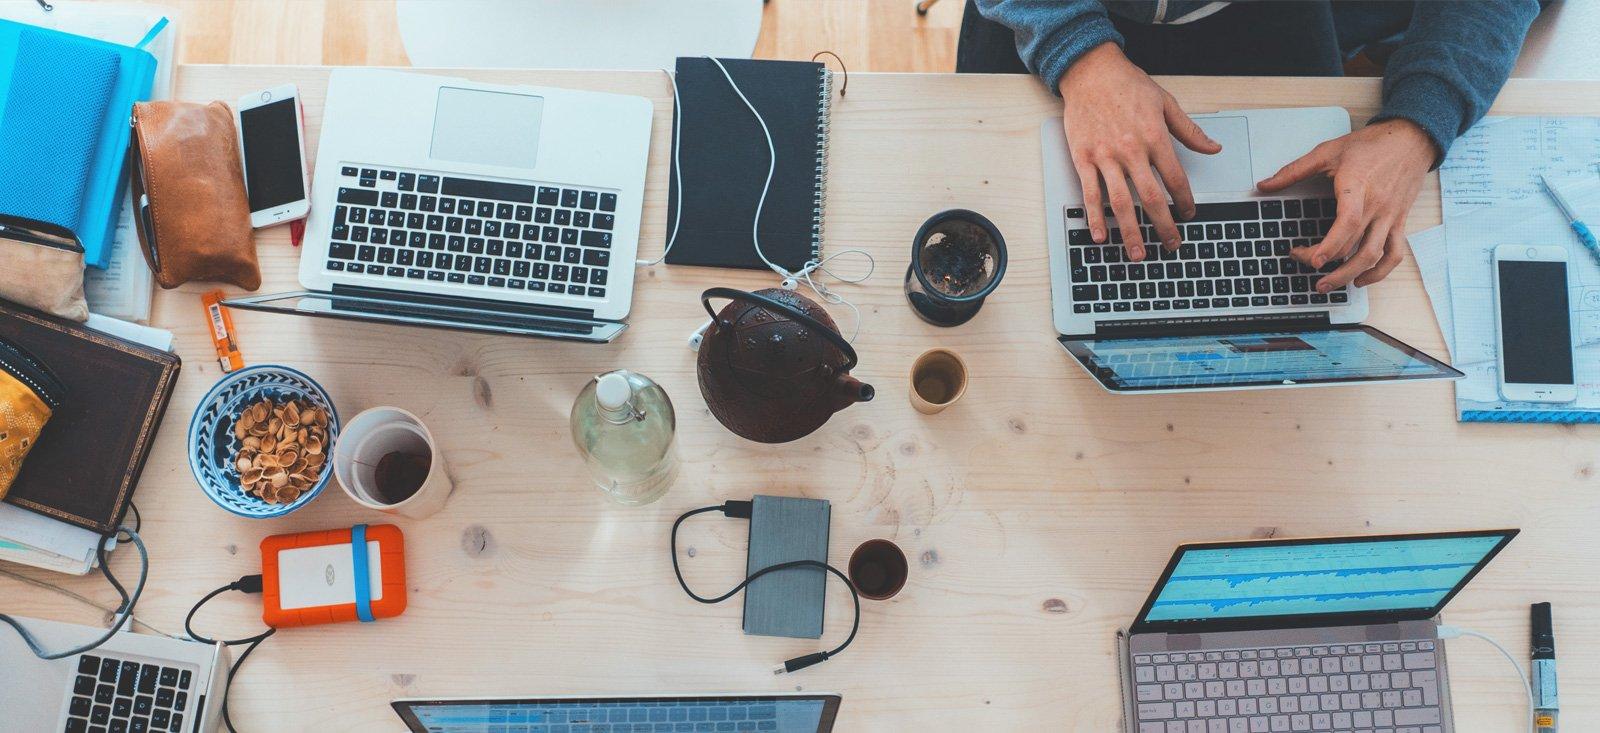 Looking-for-a-digital-marketing-intern